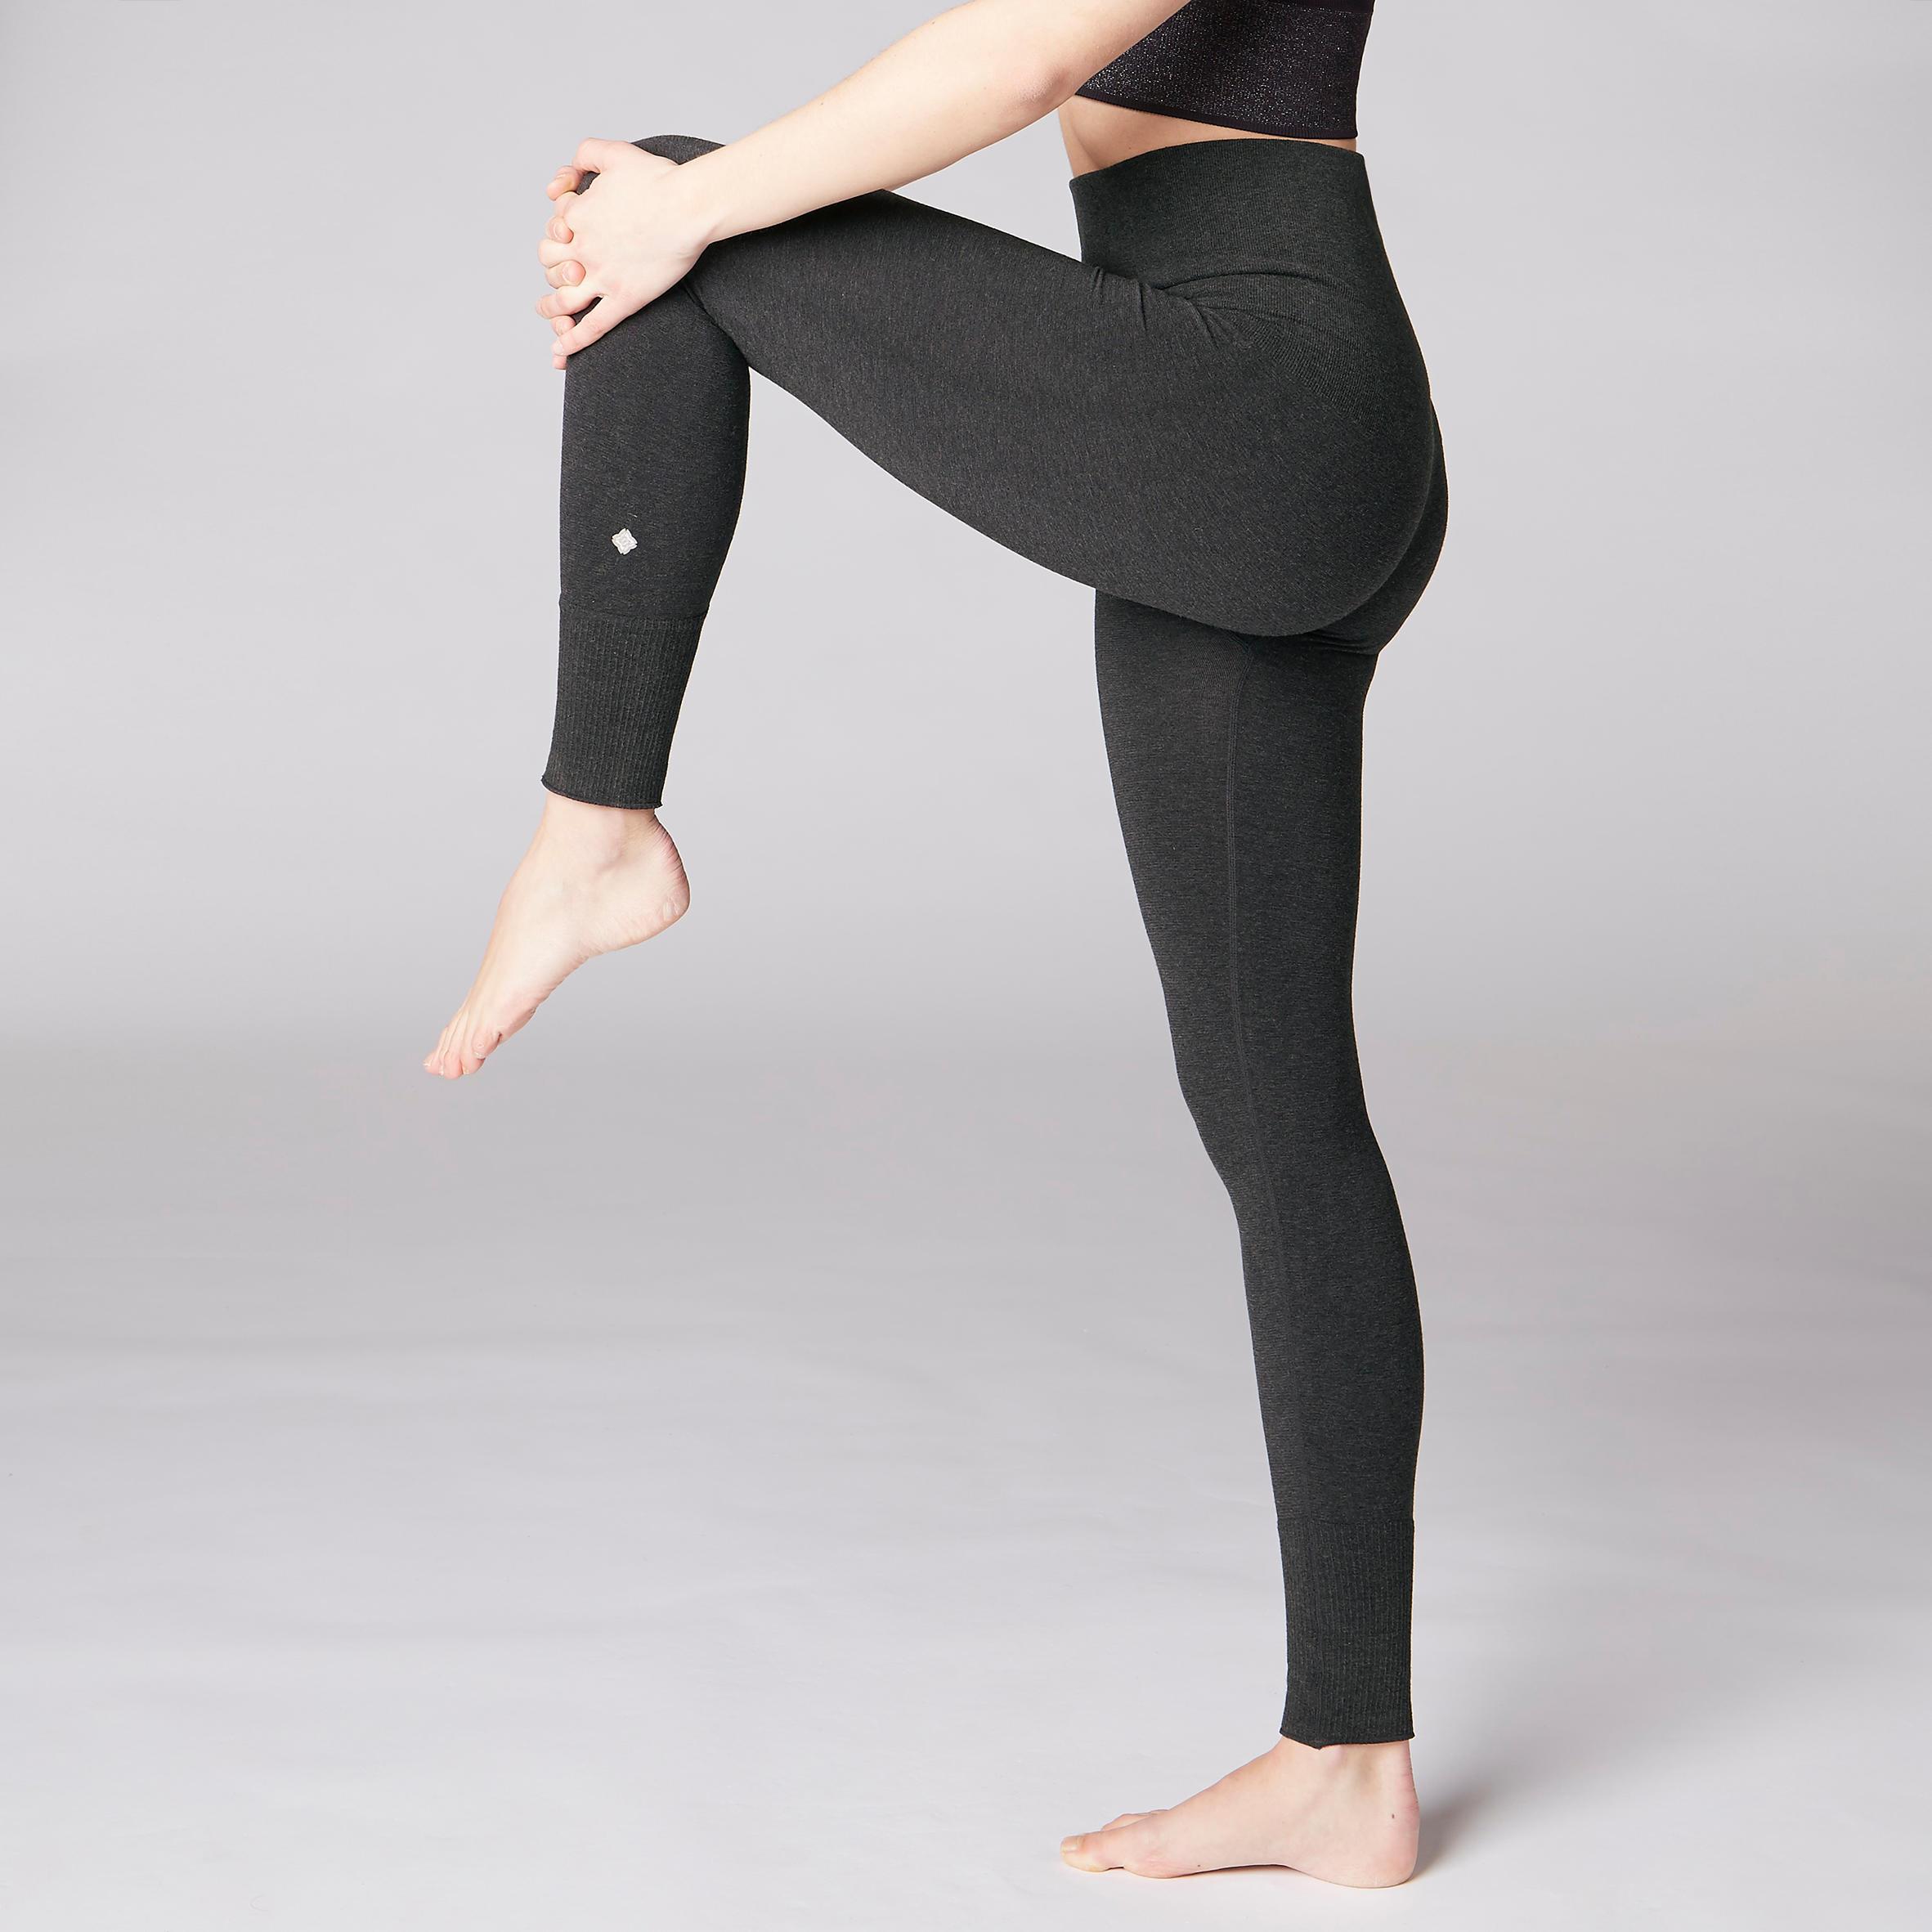 Yoga-pant